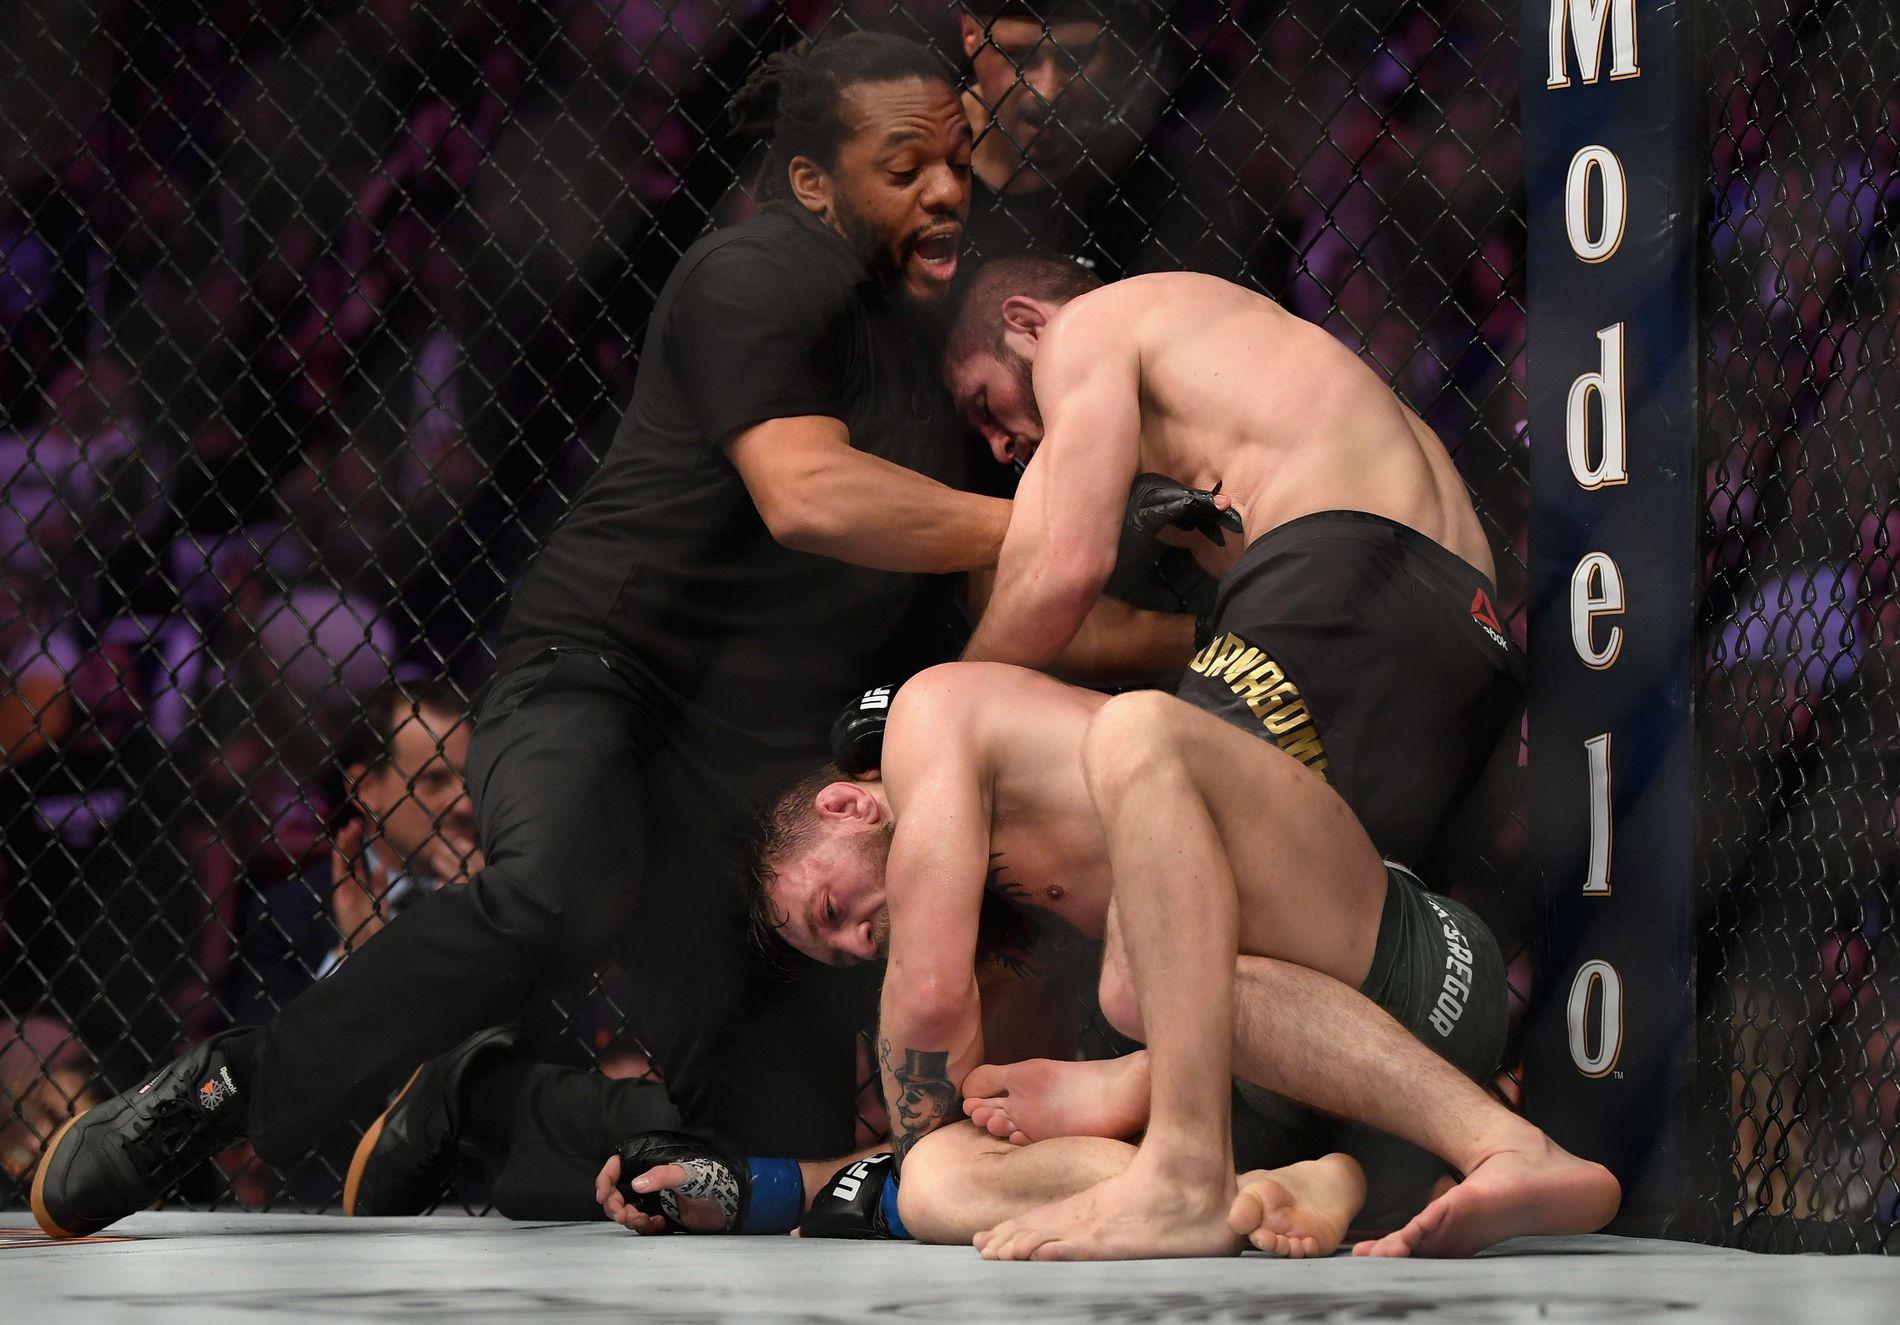 HER ER DET AVGJORT: Kampen mellom Nurmagomedov og McGregor ble avgjort i fjerde runde. Deretter begynte skandalescenene.